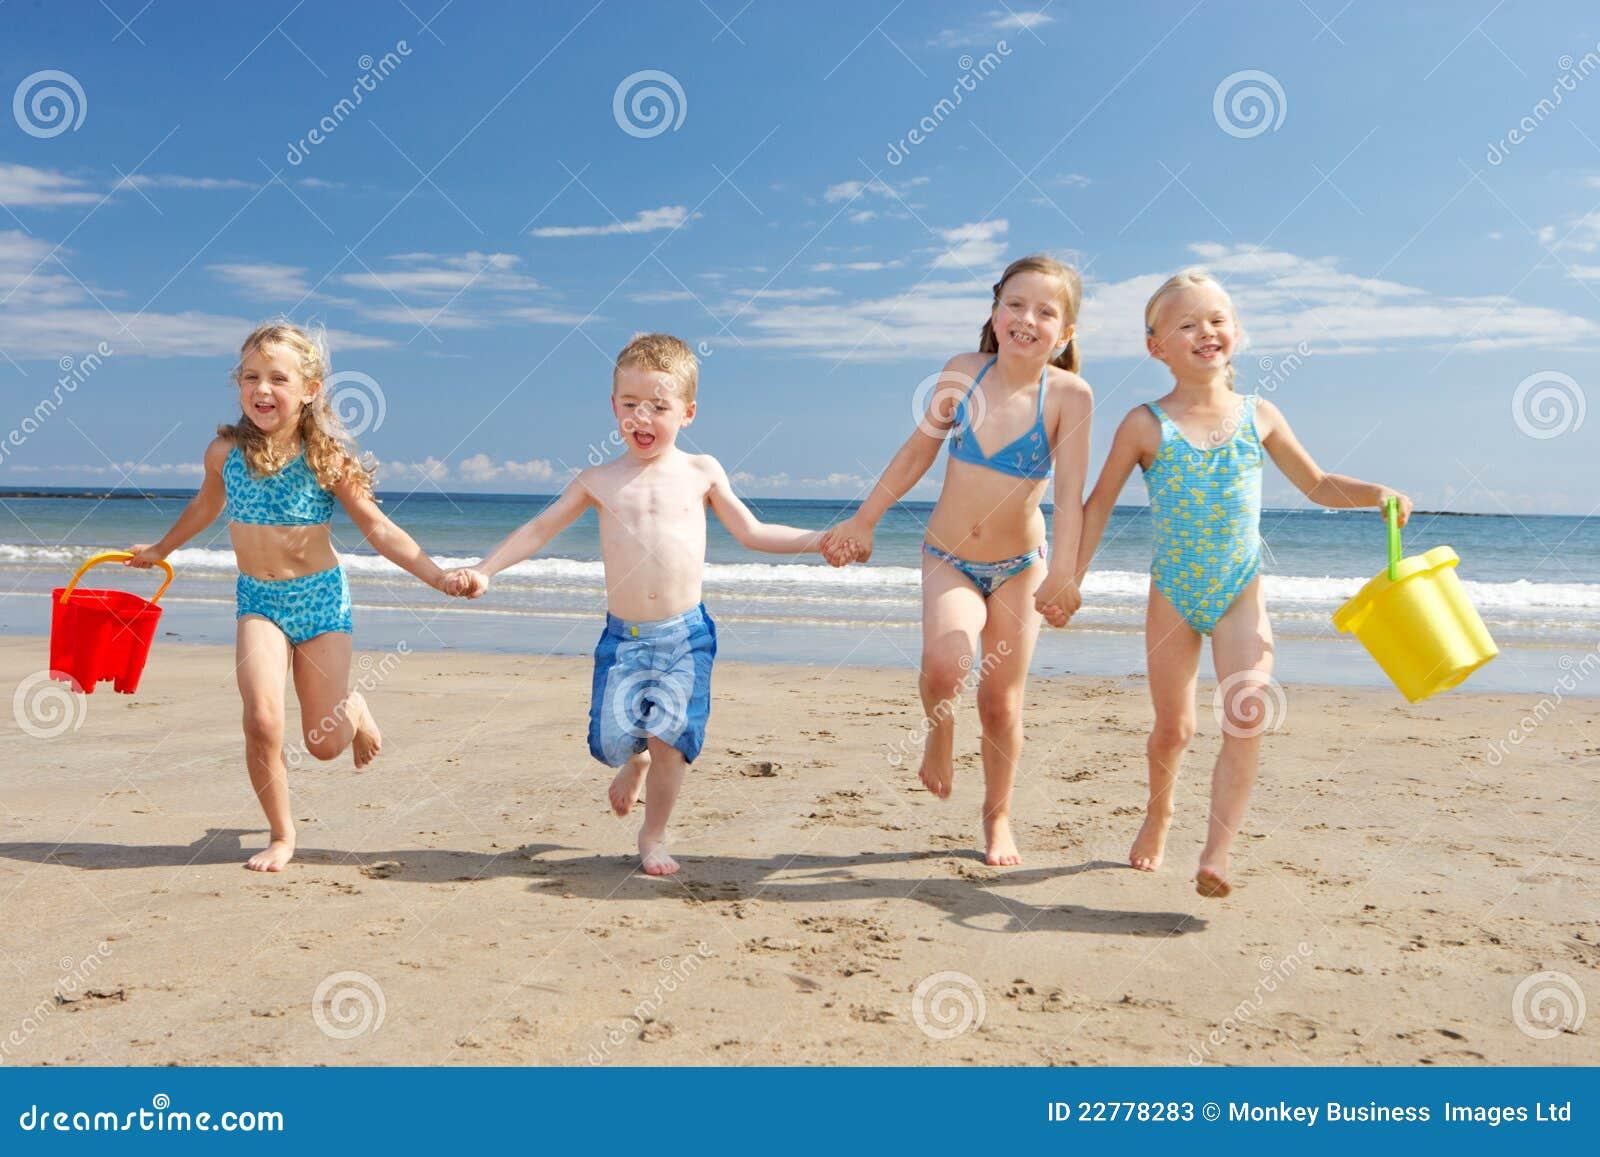 Enfants des vacances de plage